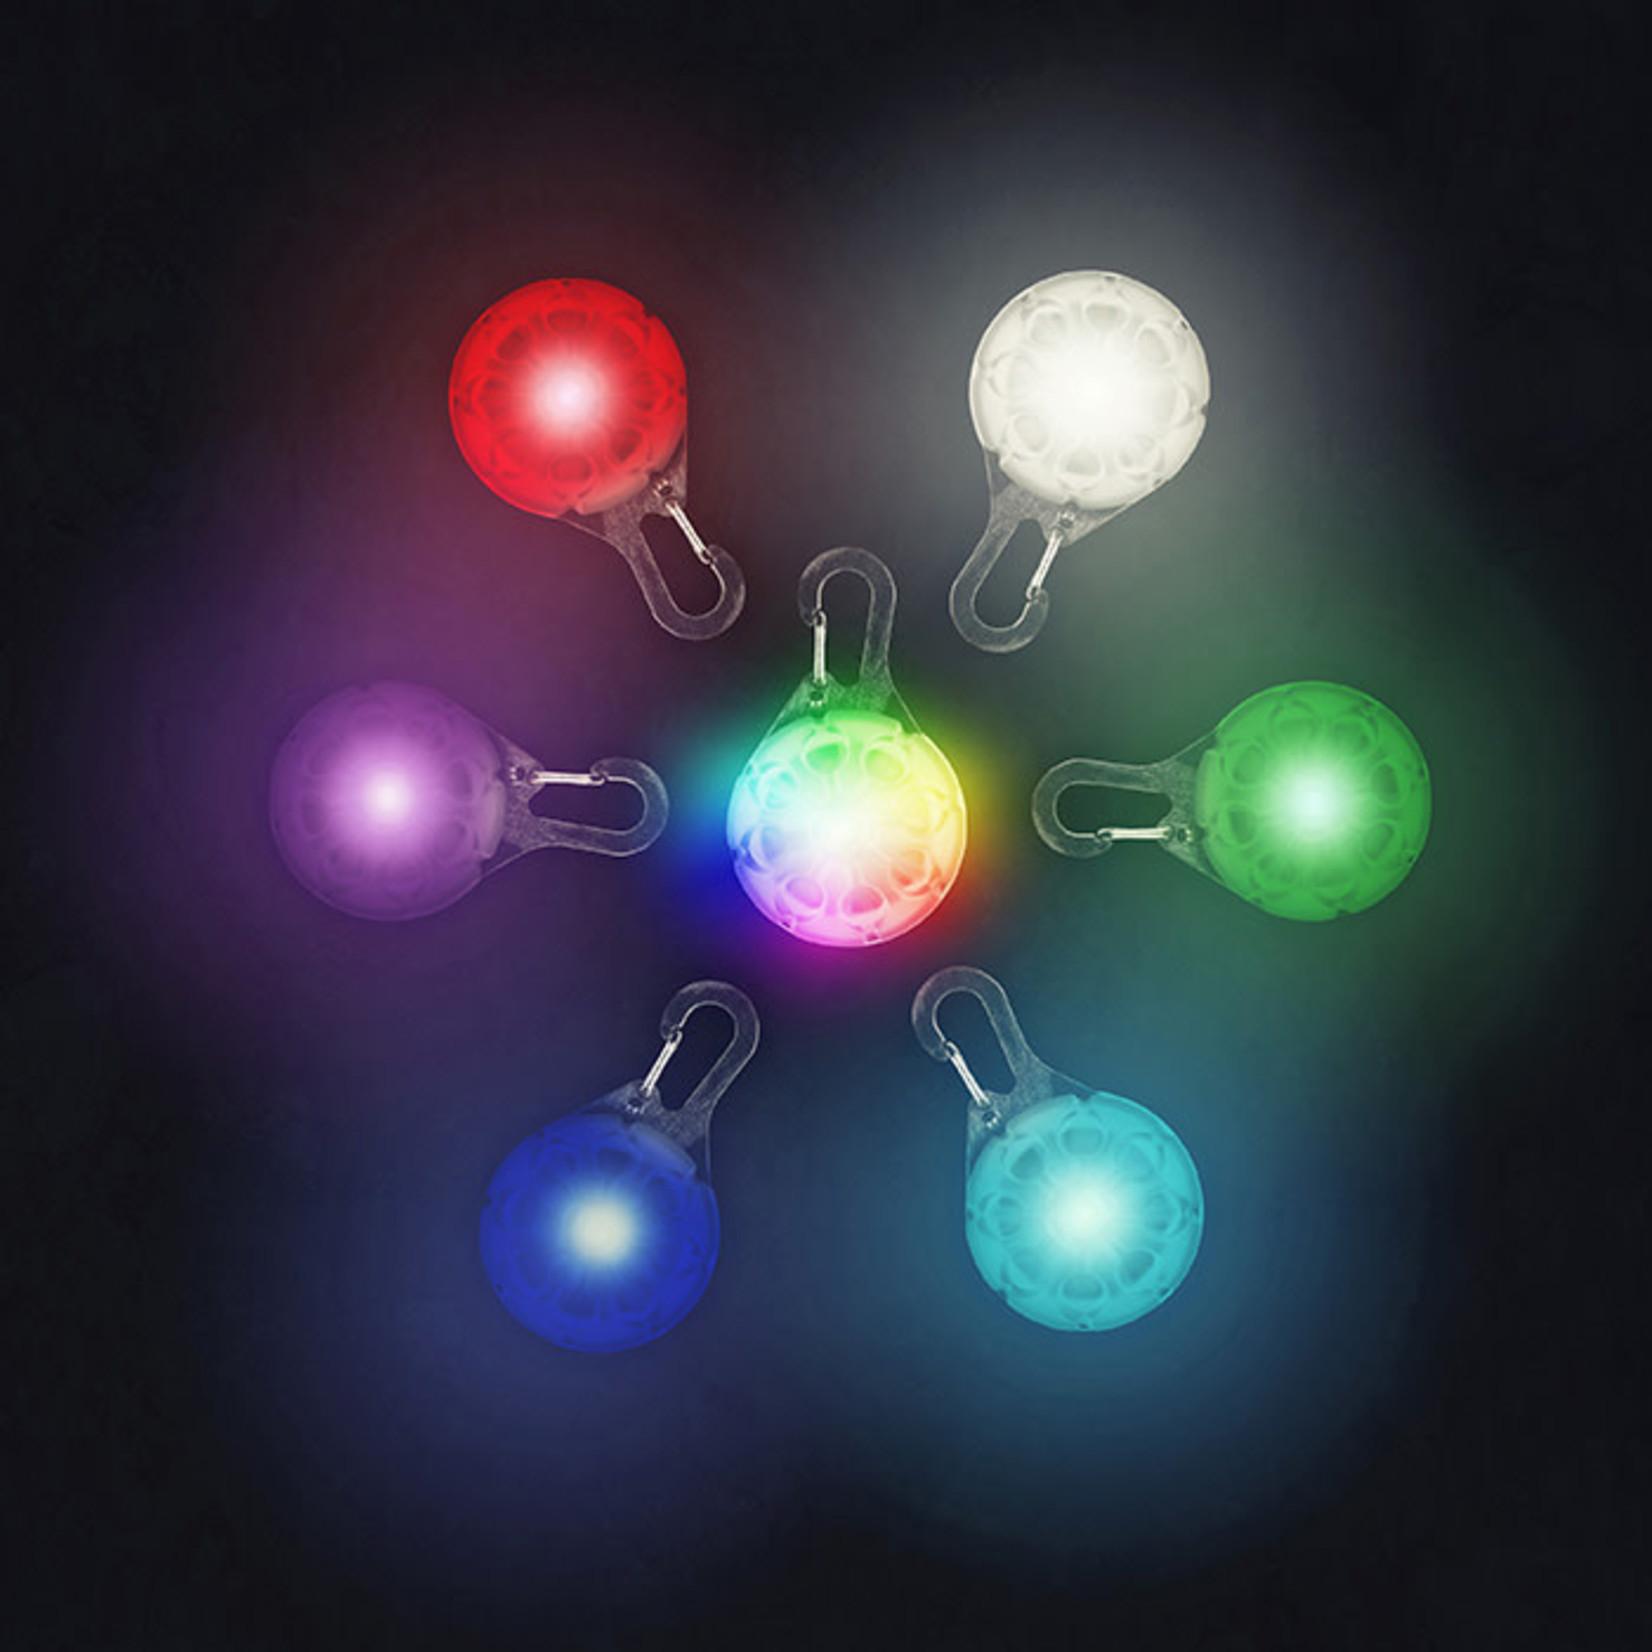 NITE IZE NITE IZE SpotLit LED Pendant